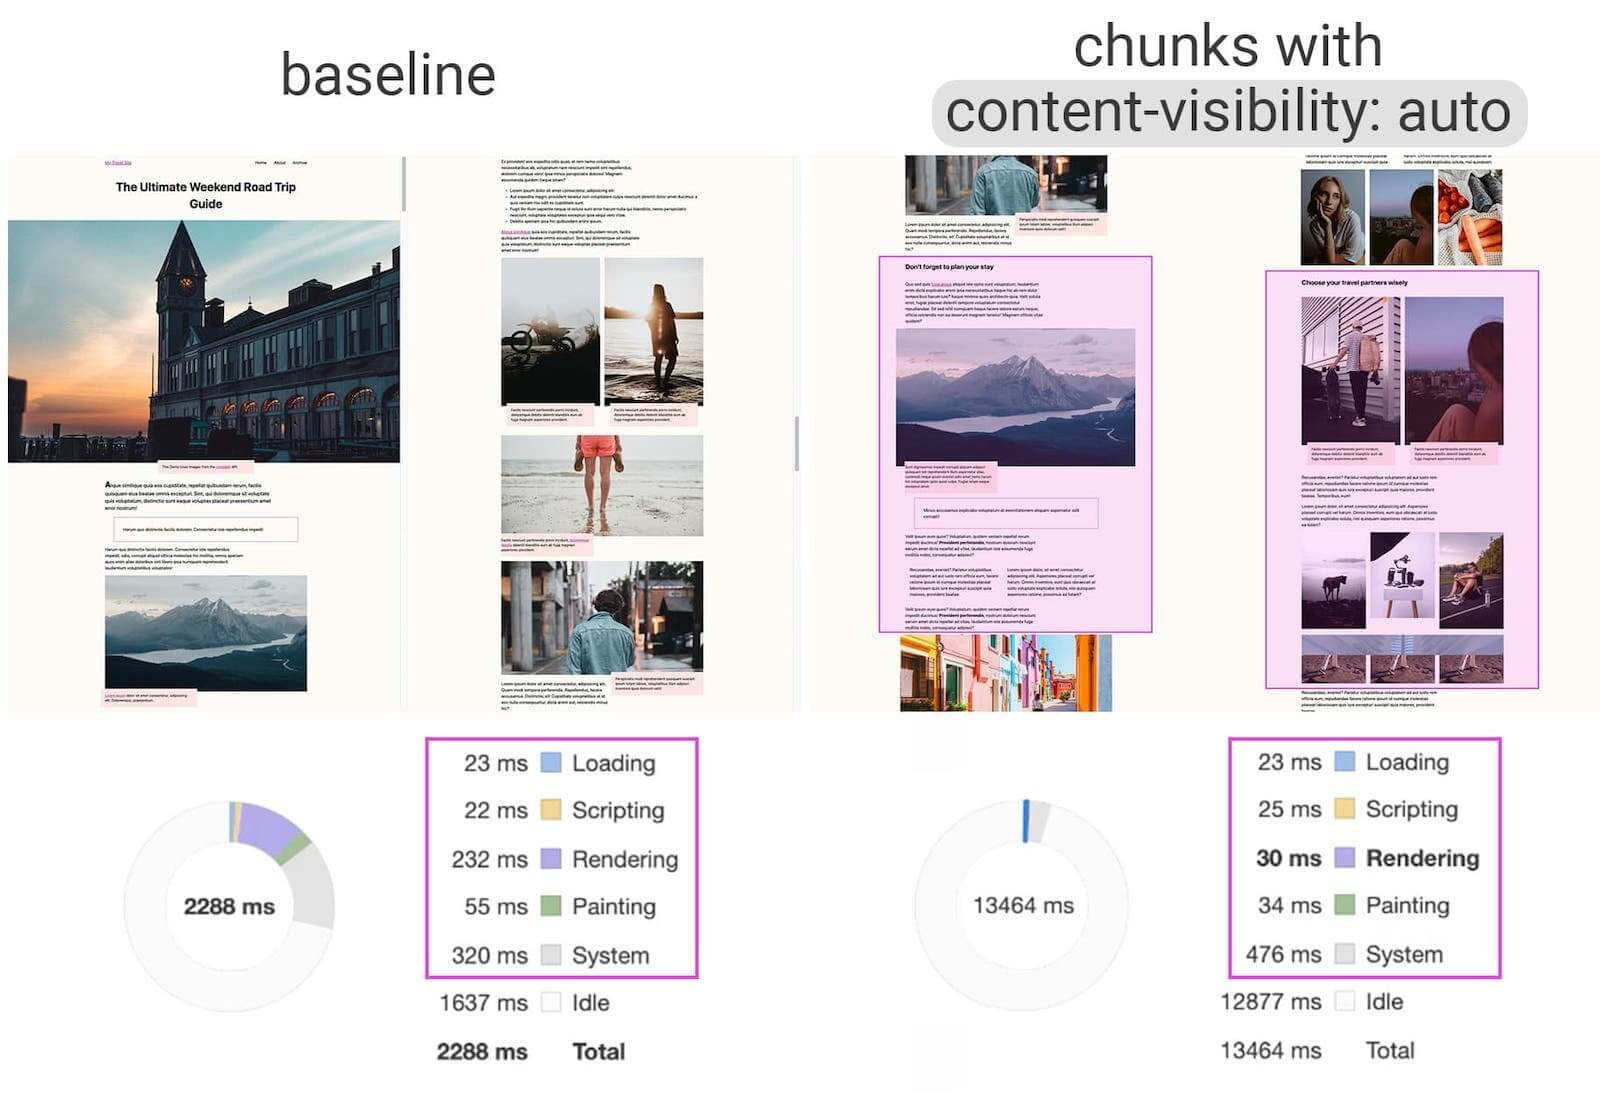 Zeigt den Unterschied in der Rendering-Geschwindigkeit zwischen baseline und content-visibility: auto. In diesem Beispiel ist das Rendering 200 ms schneller mit content-visibility: auto.